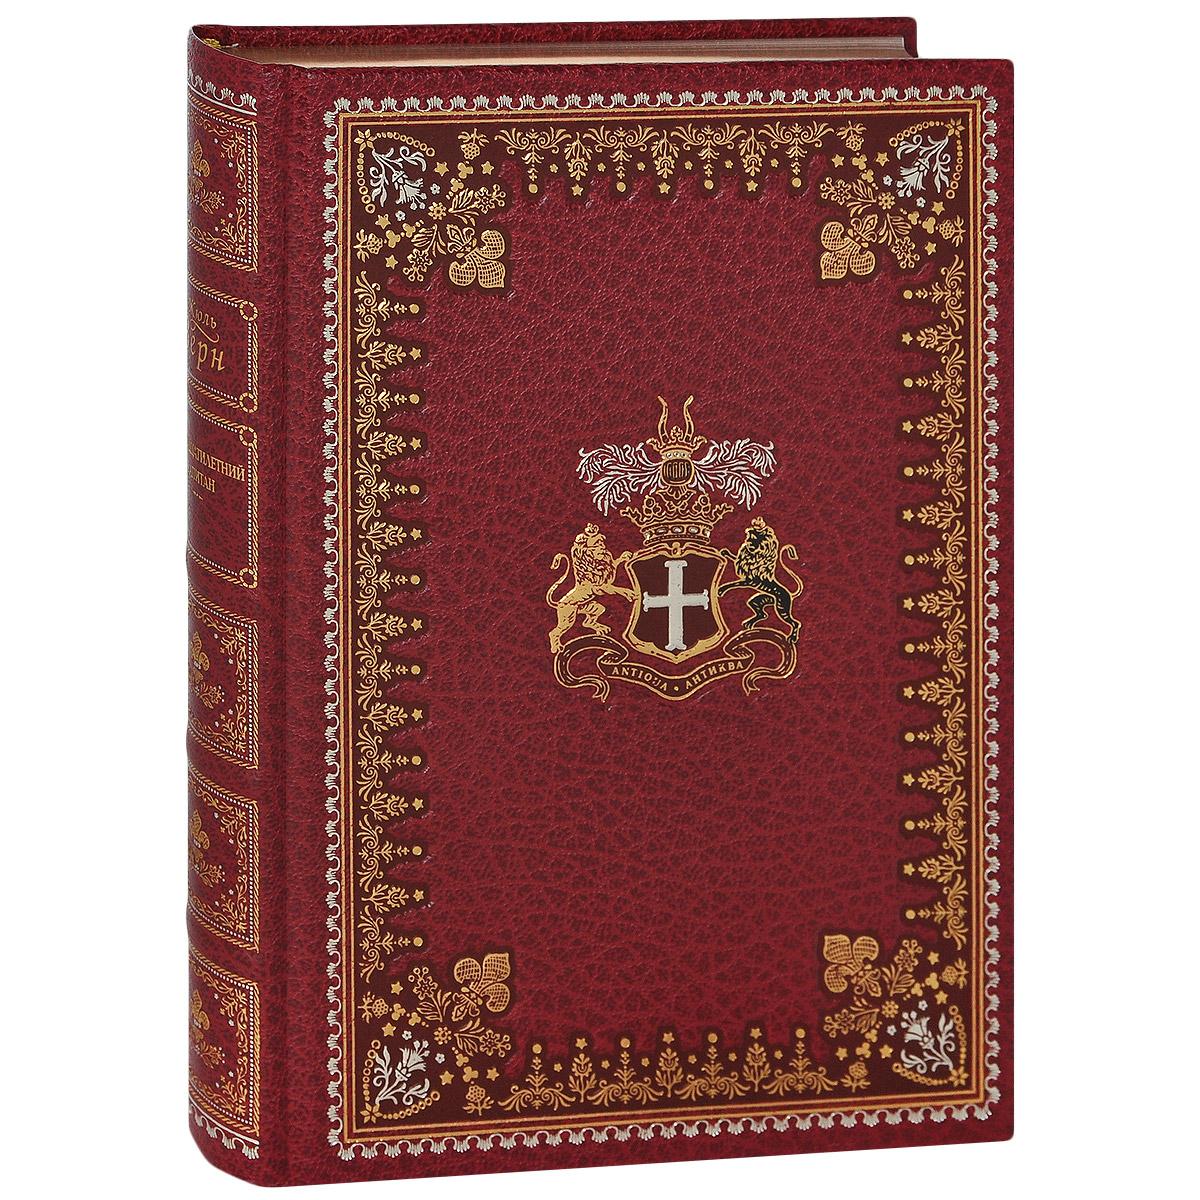 Жюль Верн Пятнадцатилетний капитан (подарочное издание) аудиокниги 1с паблишинг аудиокнига жюль верн пятнадцатилетний капитан